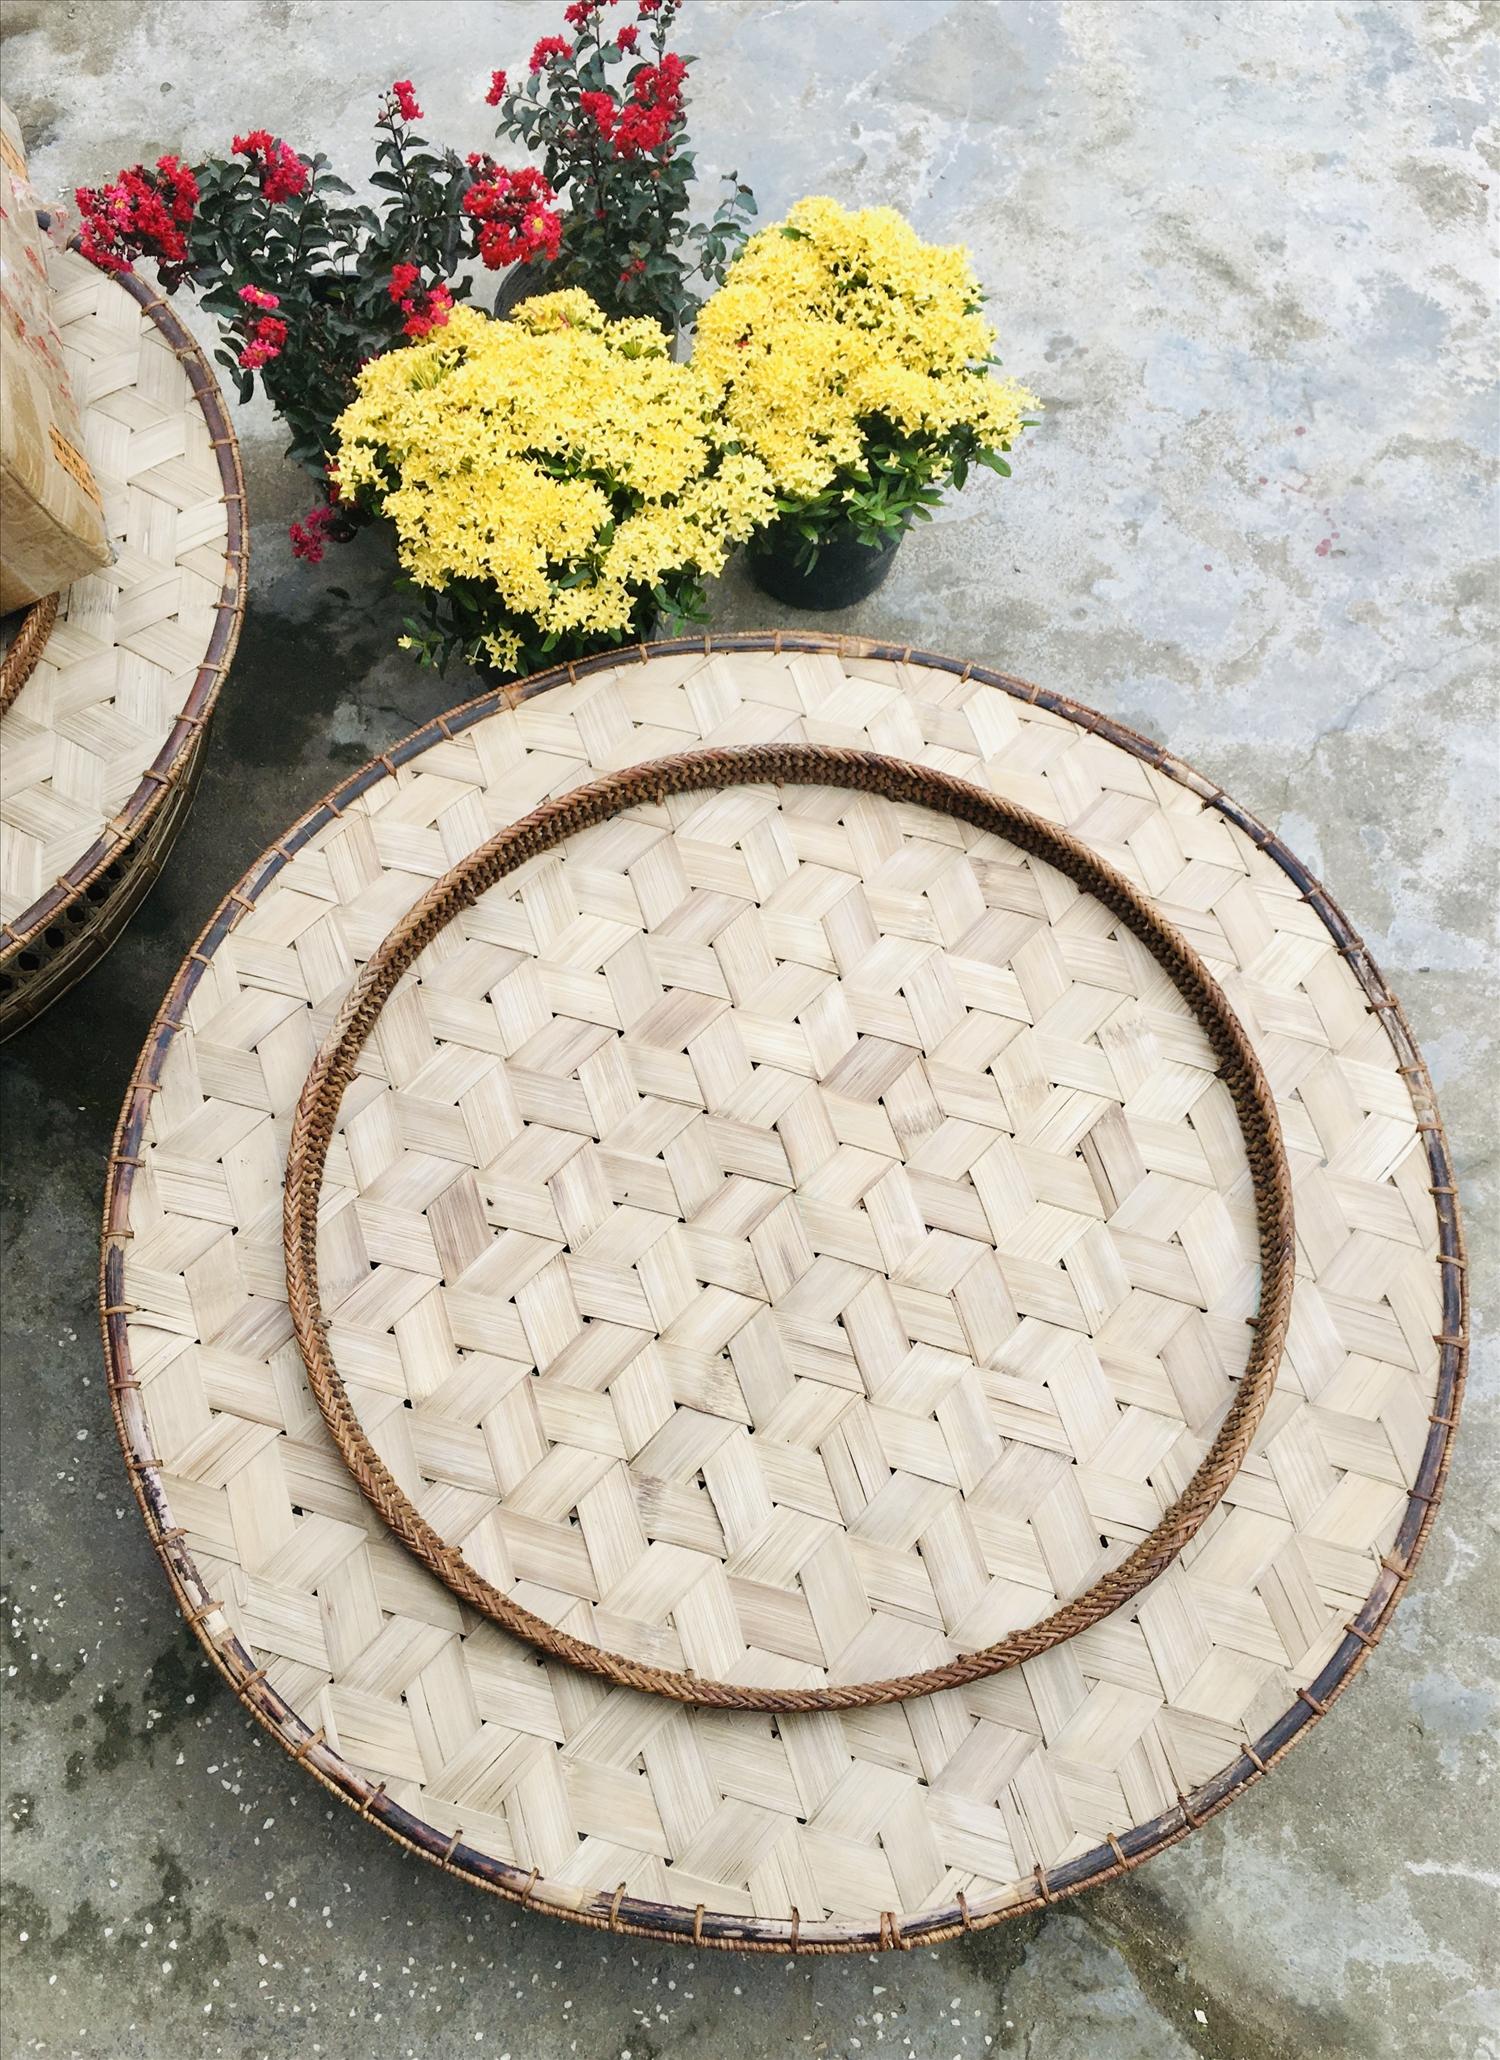 Chiếc mâm ăn cơm được làm ra từ đôi bàn tay khéo léo của người đàn ông Hà Nhì.